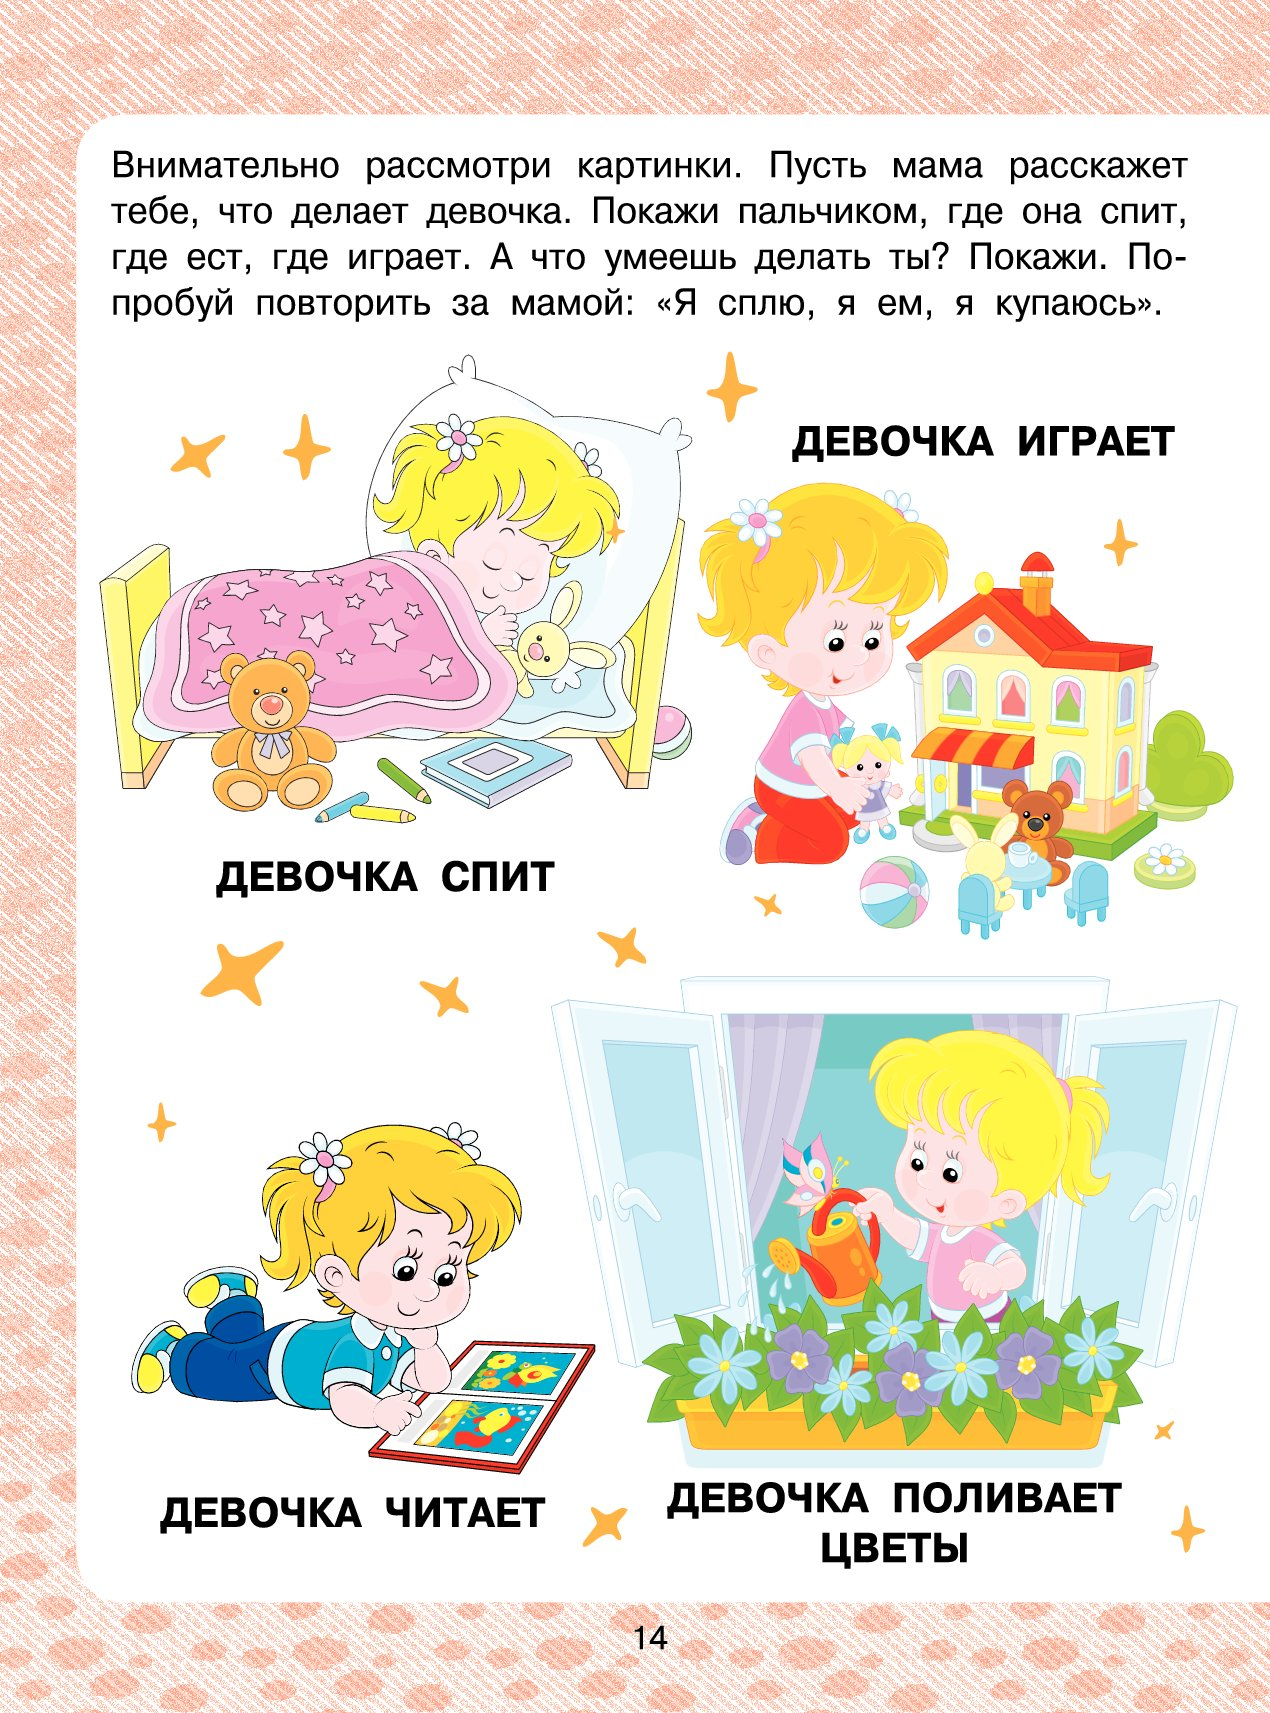 Развитие ребенка в 5 месяцев девочки: навыки, уход, занятия с малышком